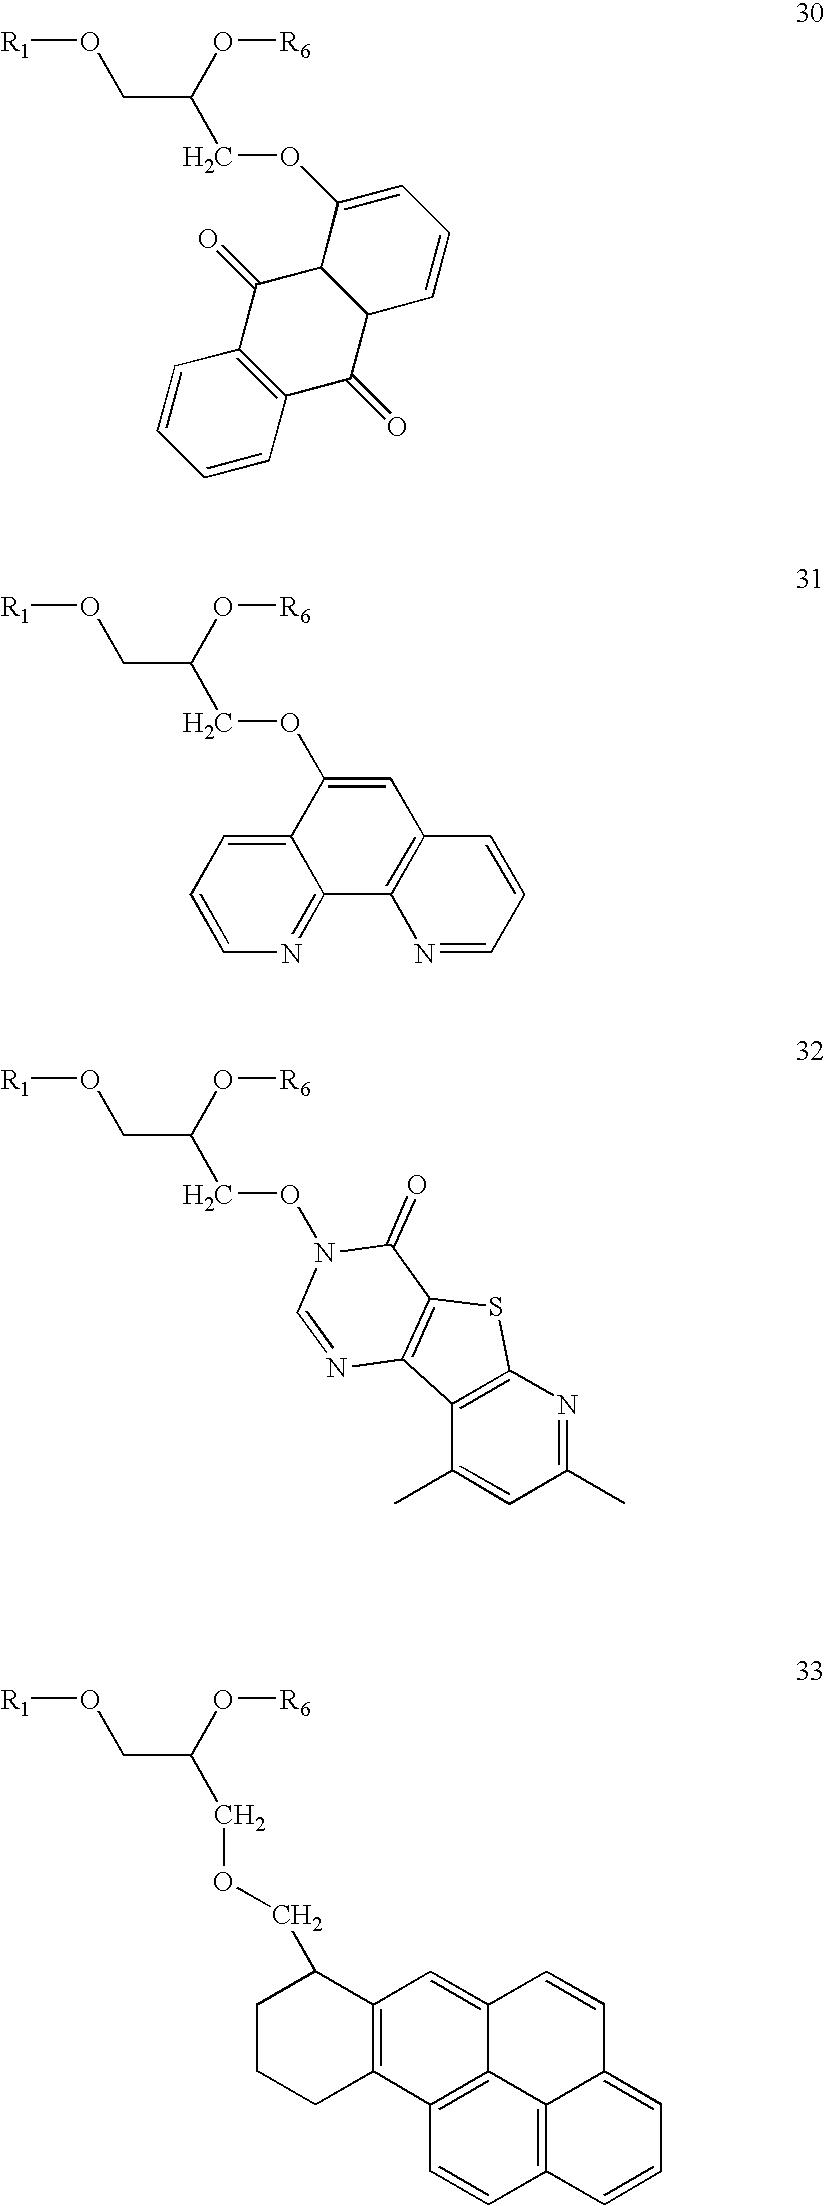 Figure US20060014144A1-20060119-C00093